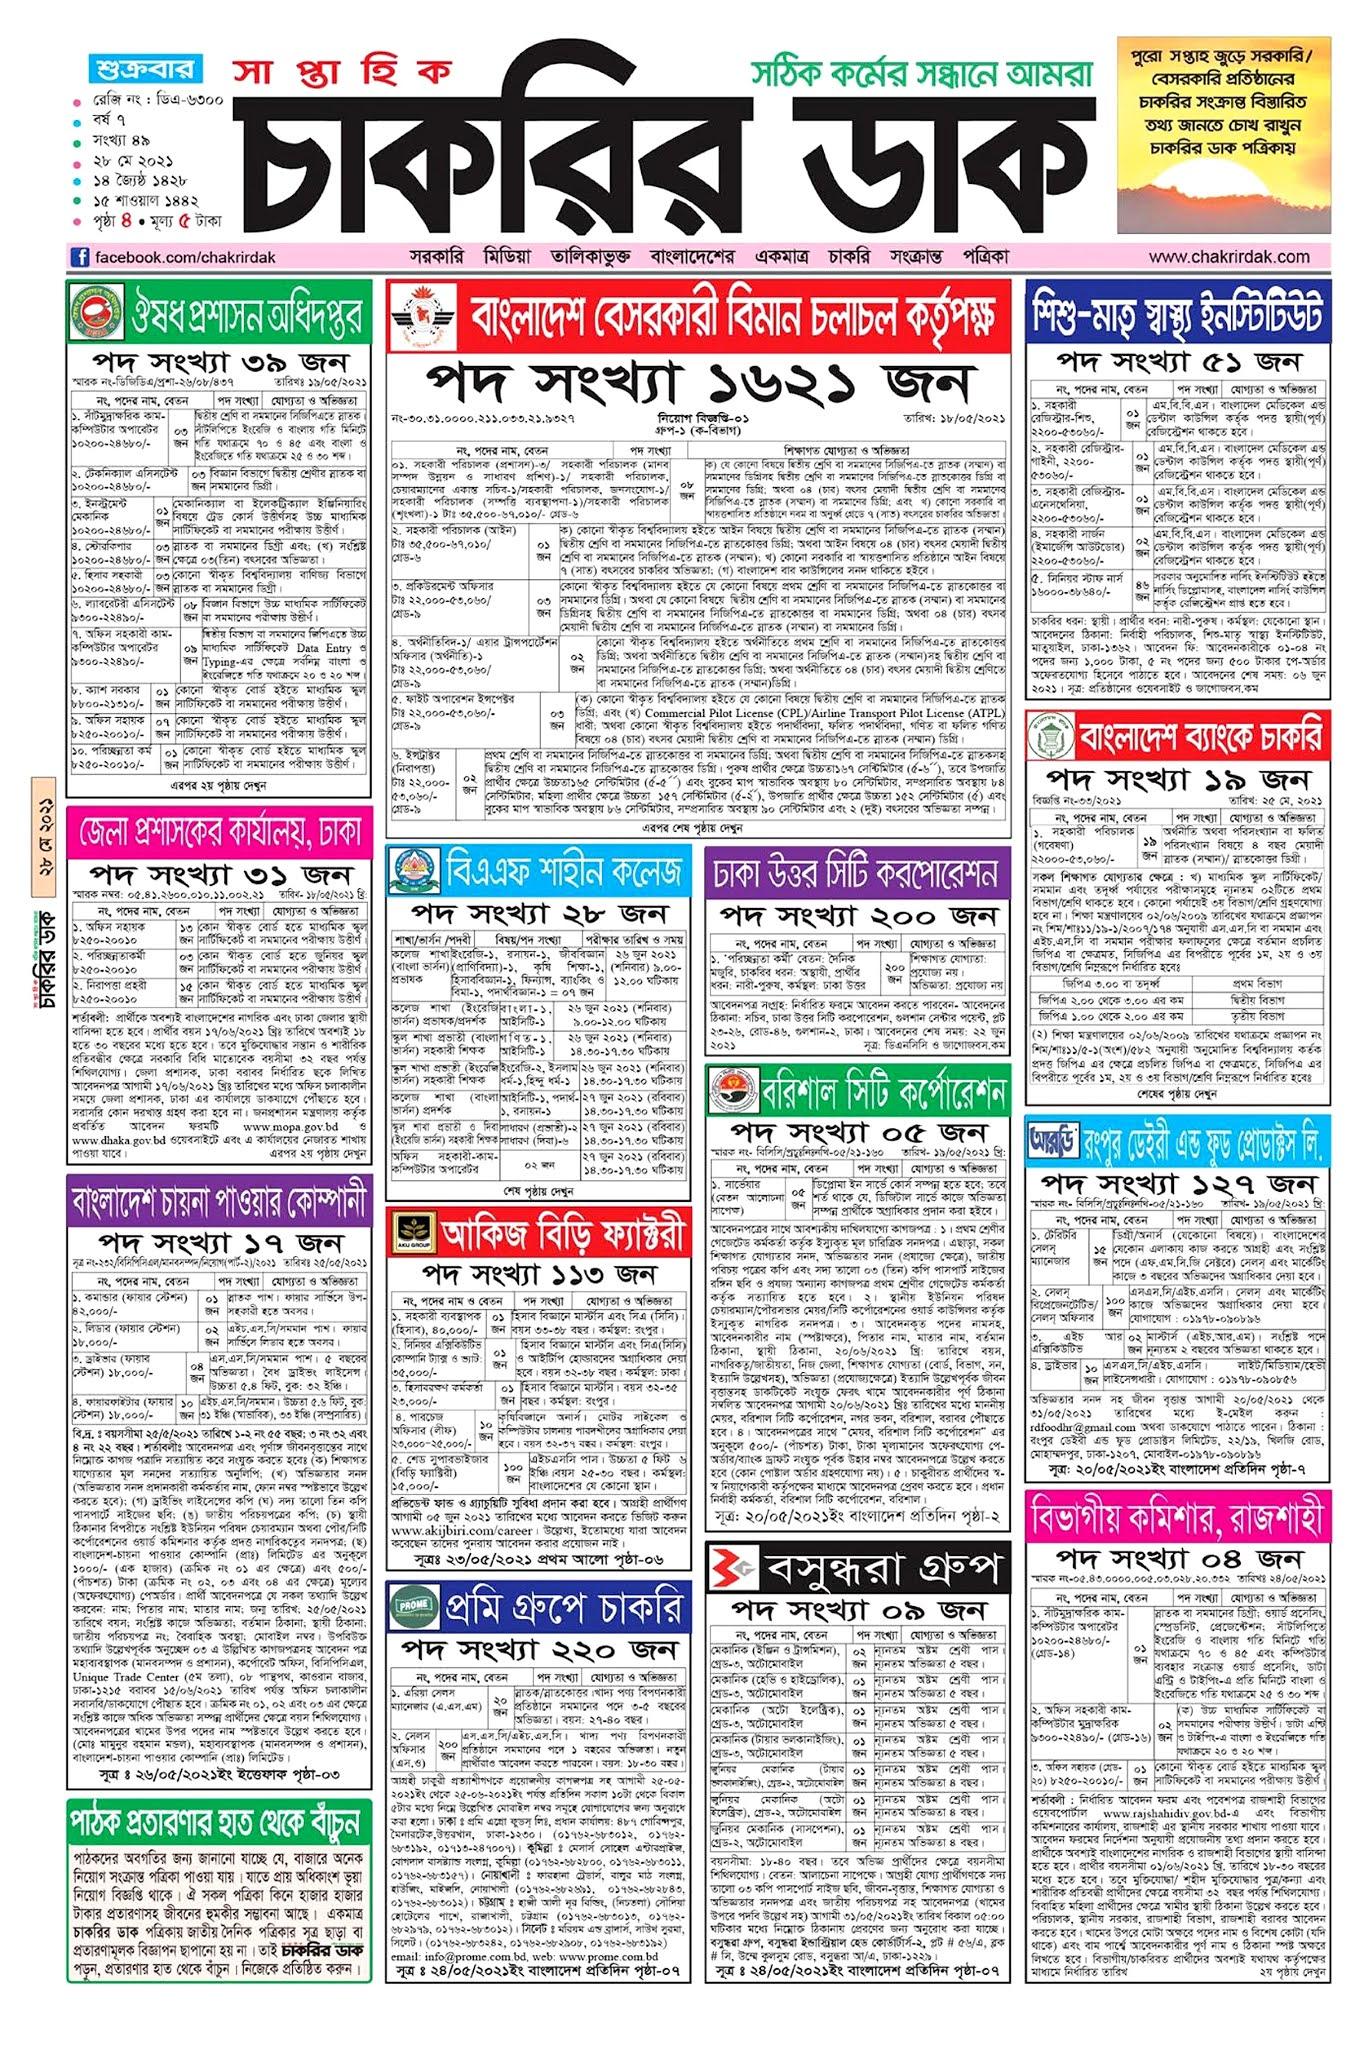 bd jobs weekly circular